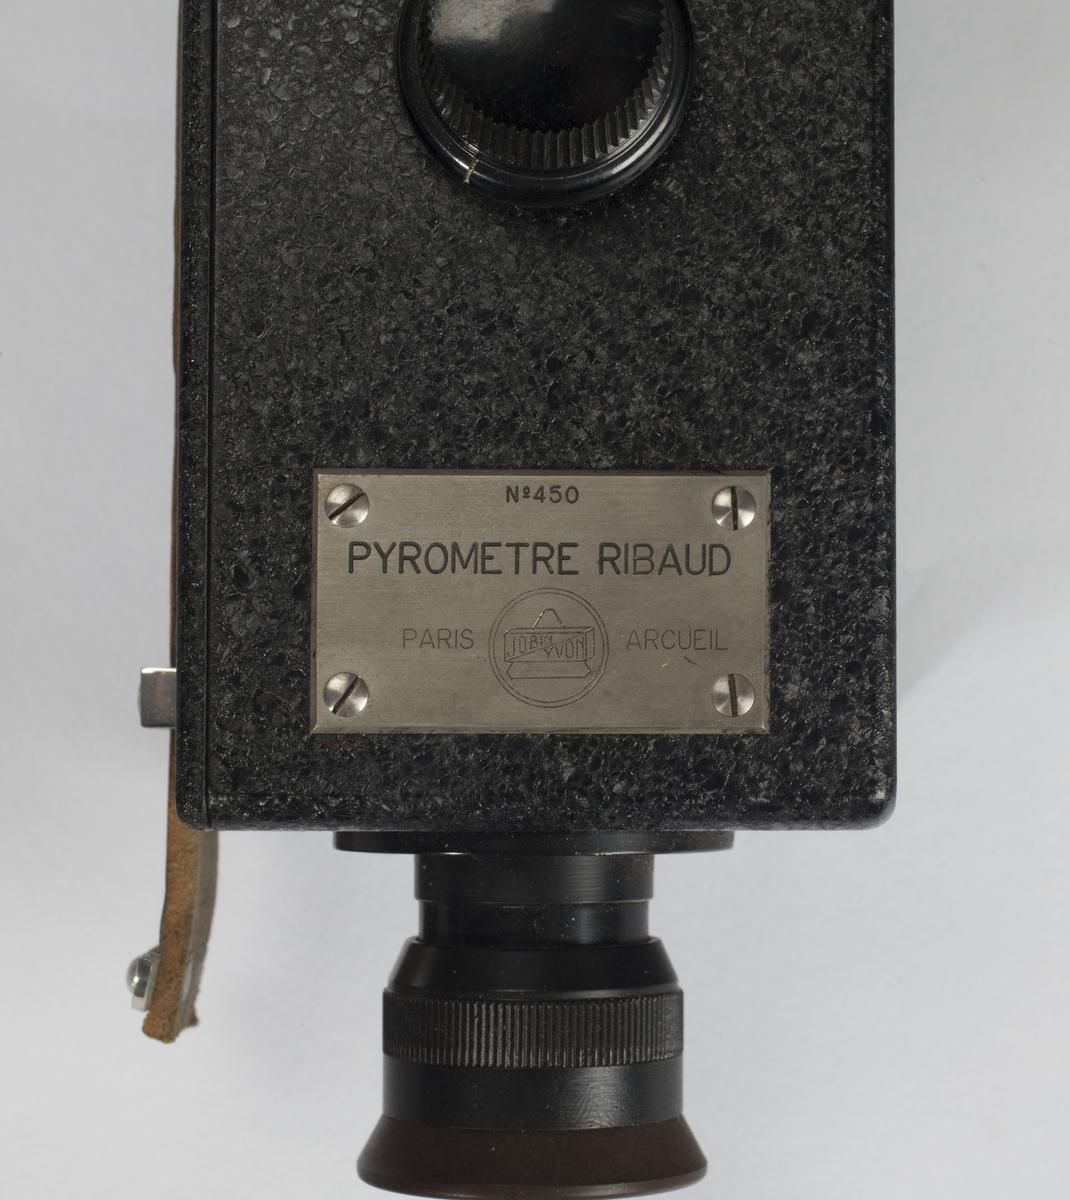 Apparatets fasong kan minne om en T satt sammen av tre firkantede bokser. Midt på er en liten rund skive. Enden av en sylinder stikker ut fra topp og bunn.